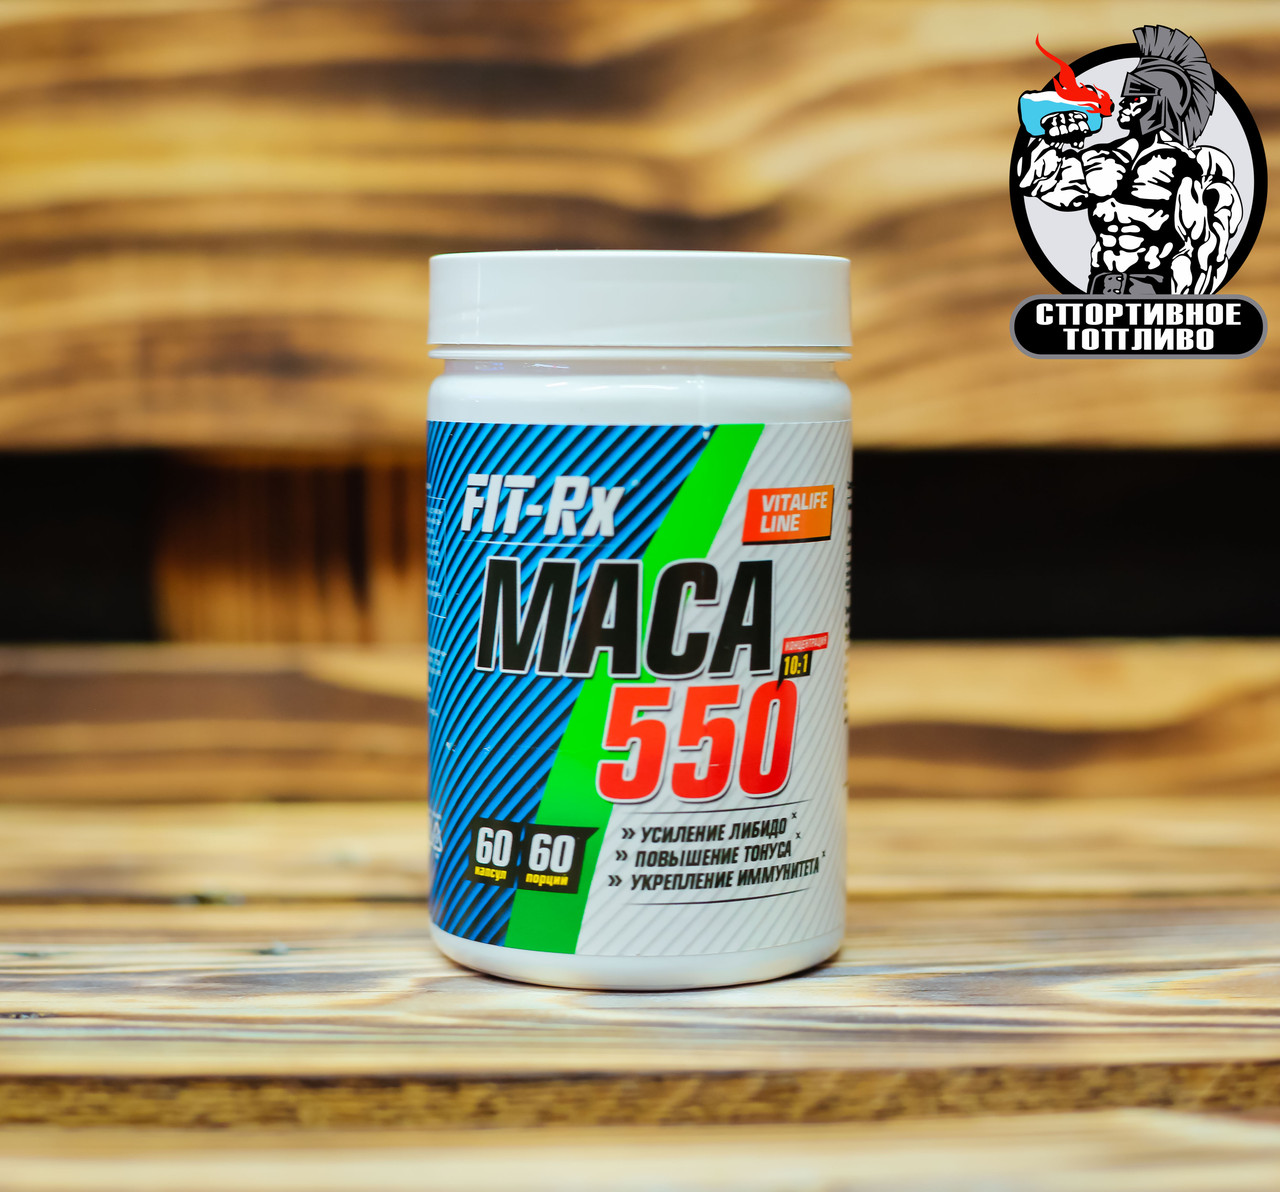 Fit-Rx Maca 550 (60капс - 60порций)